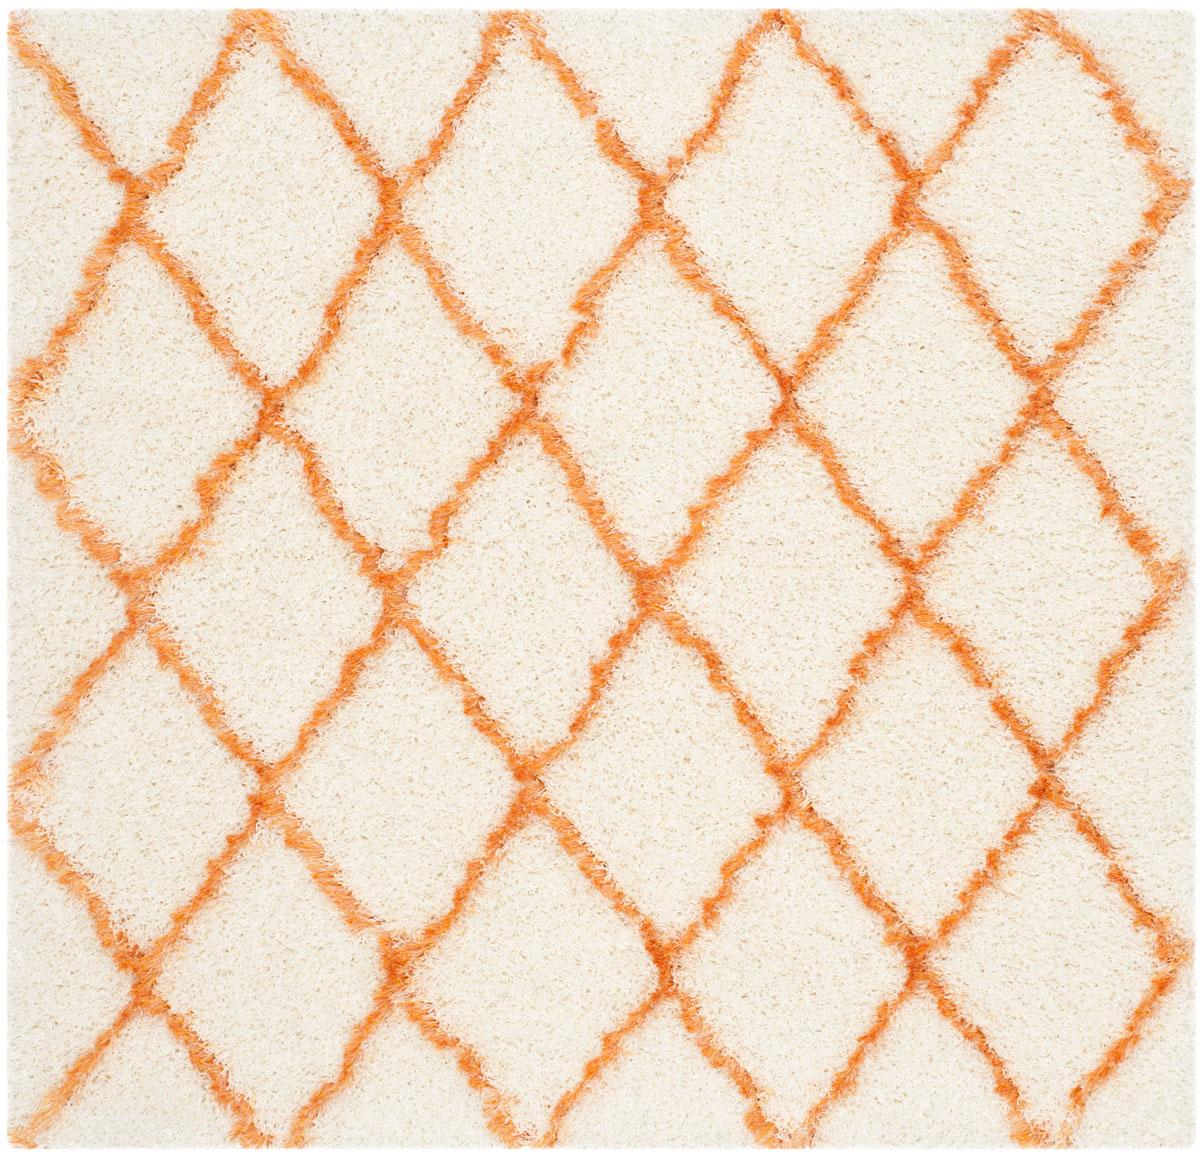 Ivory & Orange Shags - Safavieh